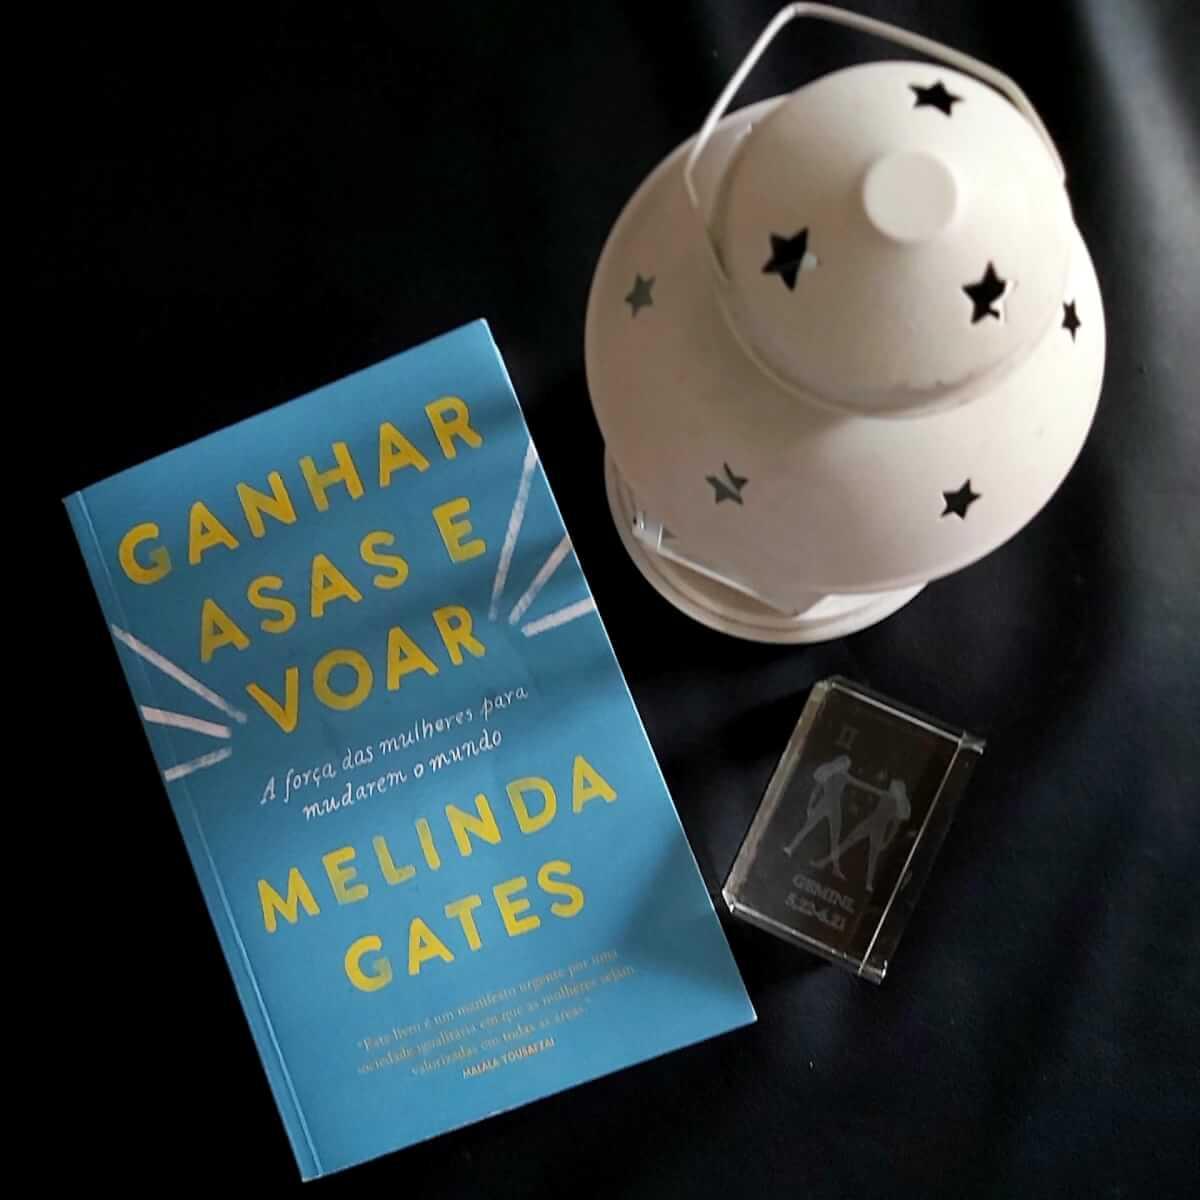 Ganhar asas e voar, de Melinda Gates